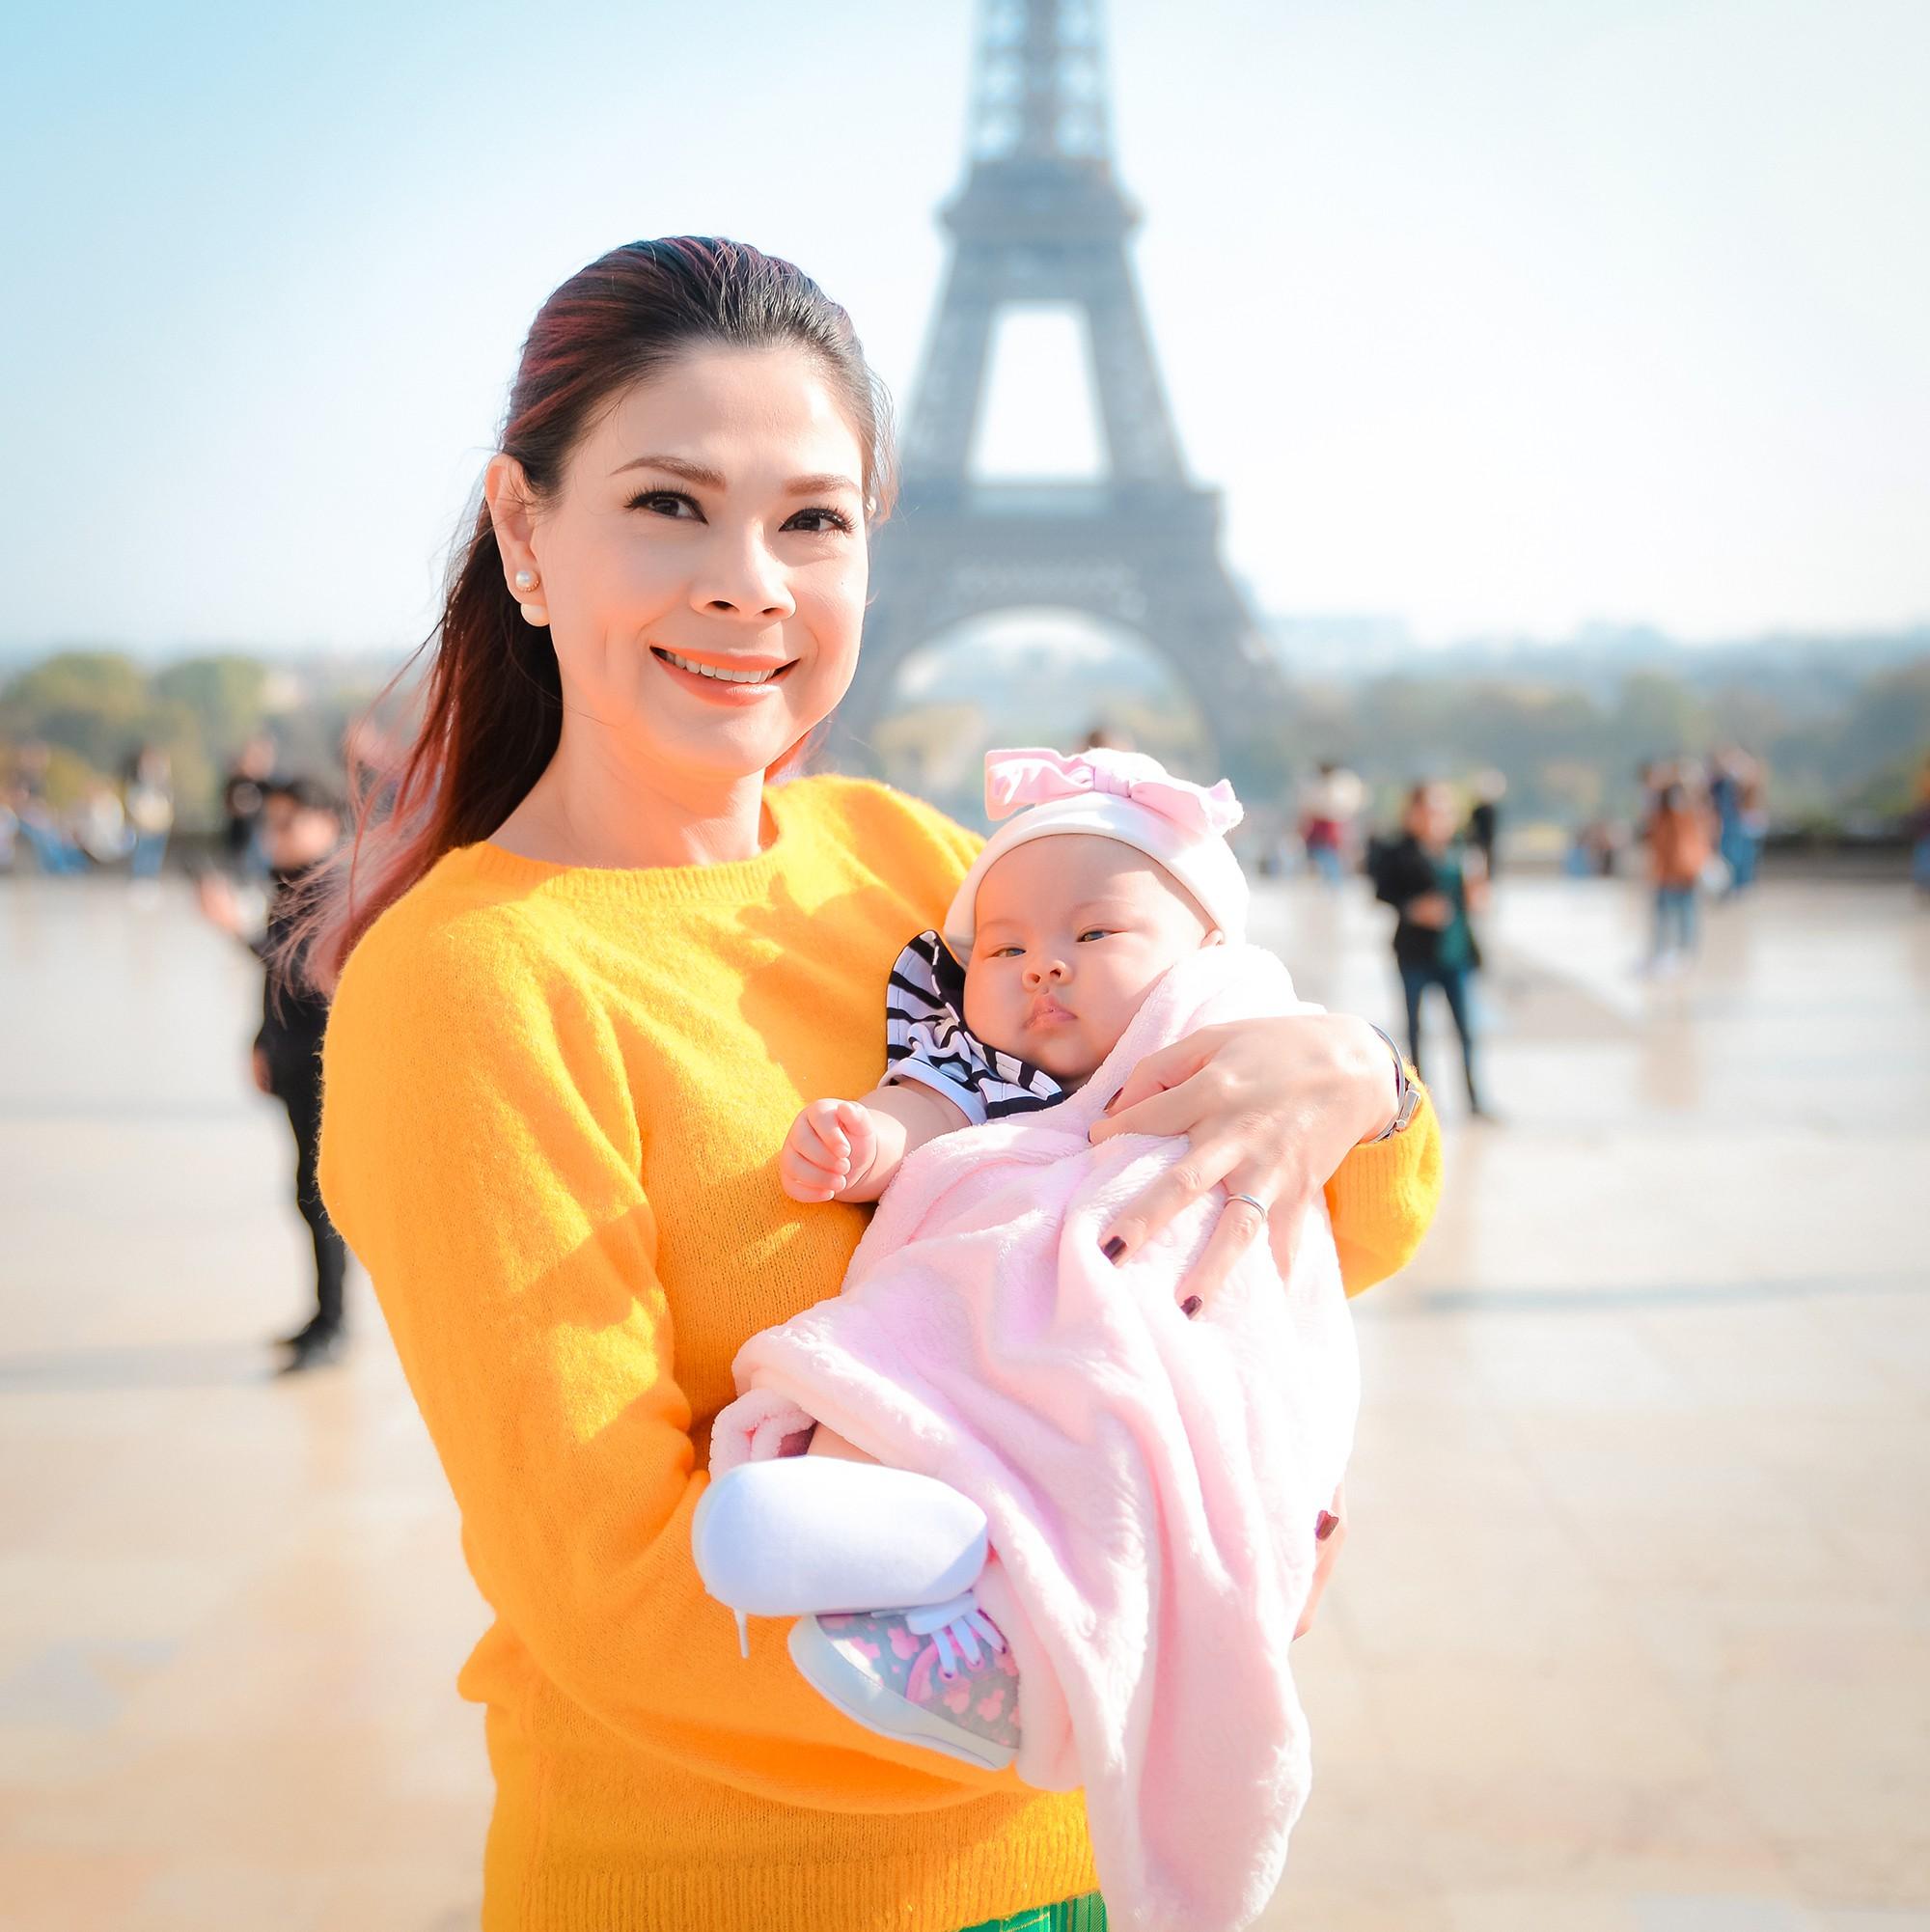 Thanh Thảo và ông xã đưa con gái chỉ mới 3 tháng tuổi đi du lịch châu Âu - Ảnh 2.